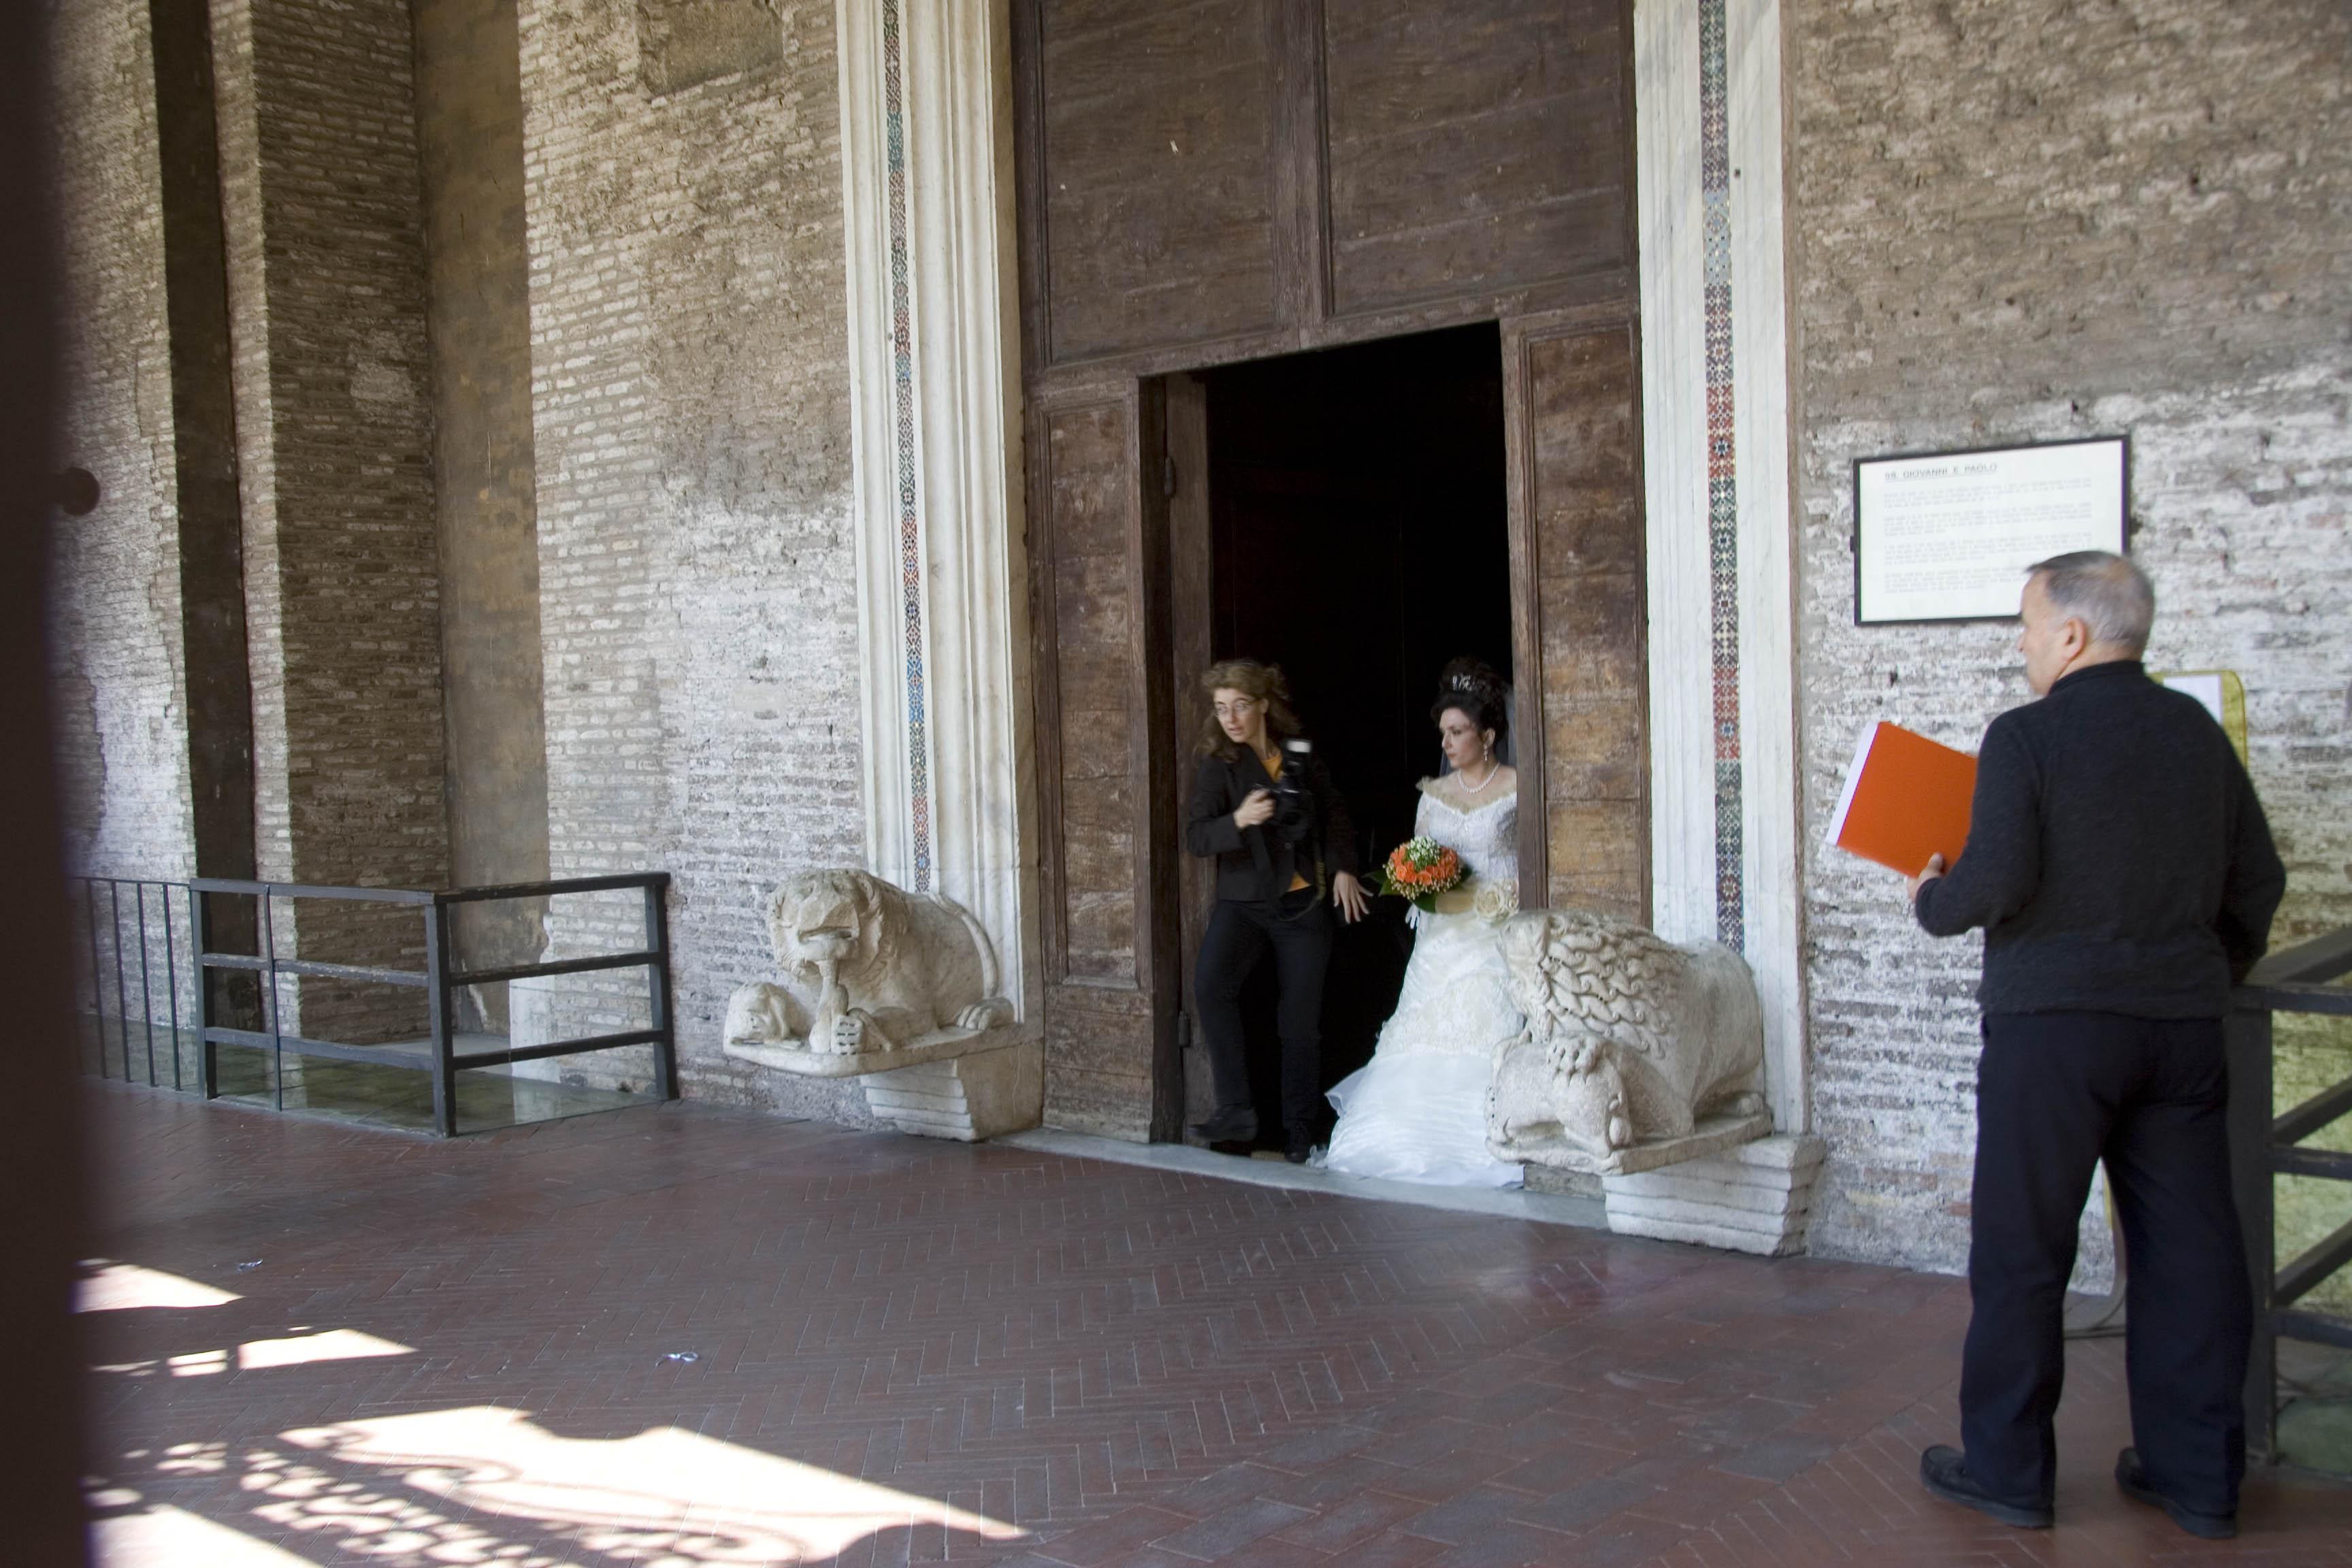 1 мая в Риме - явно свадебный день